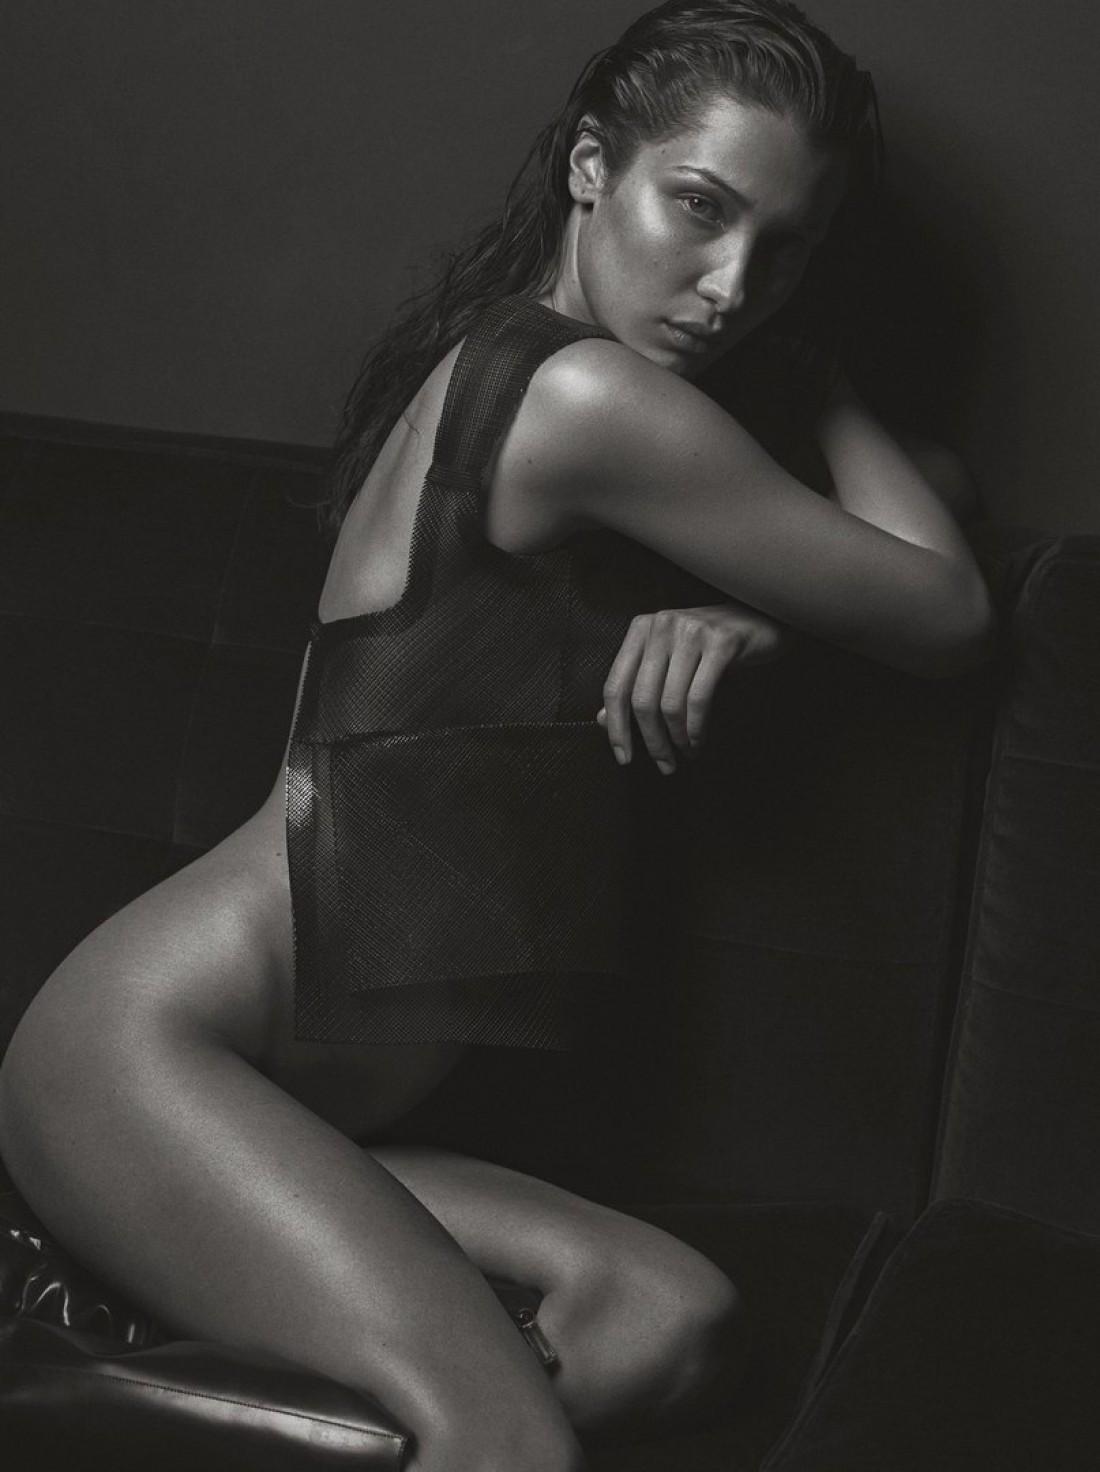 Белла Хадид в новом фотосете V MAGAZINE